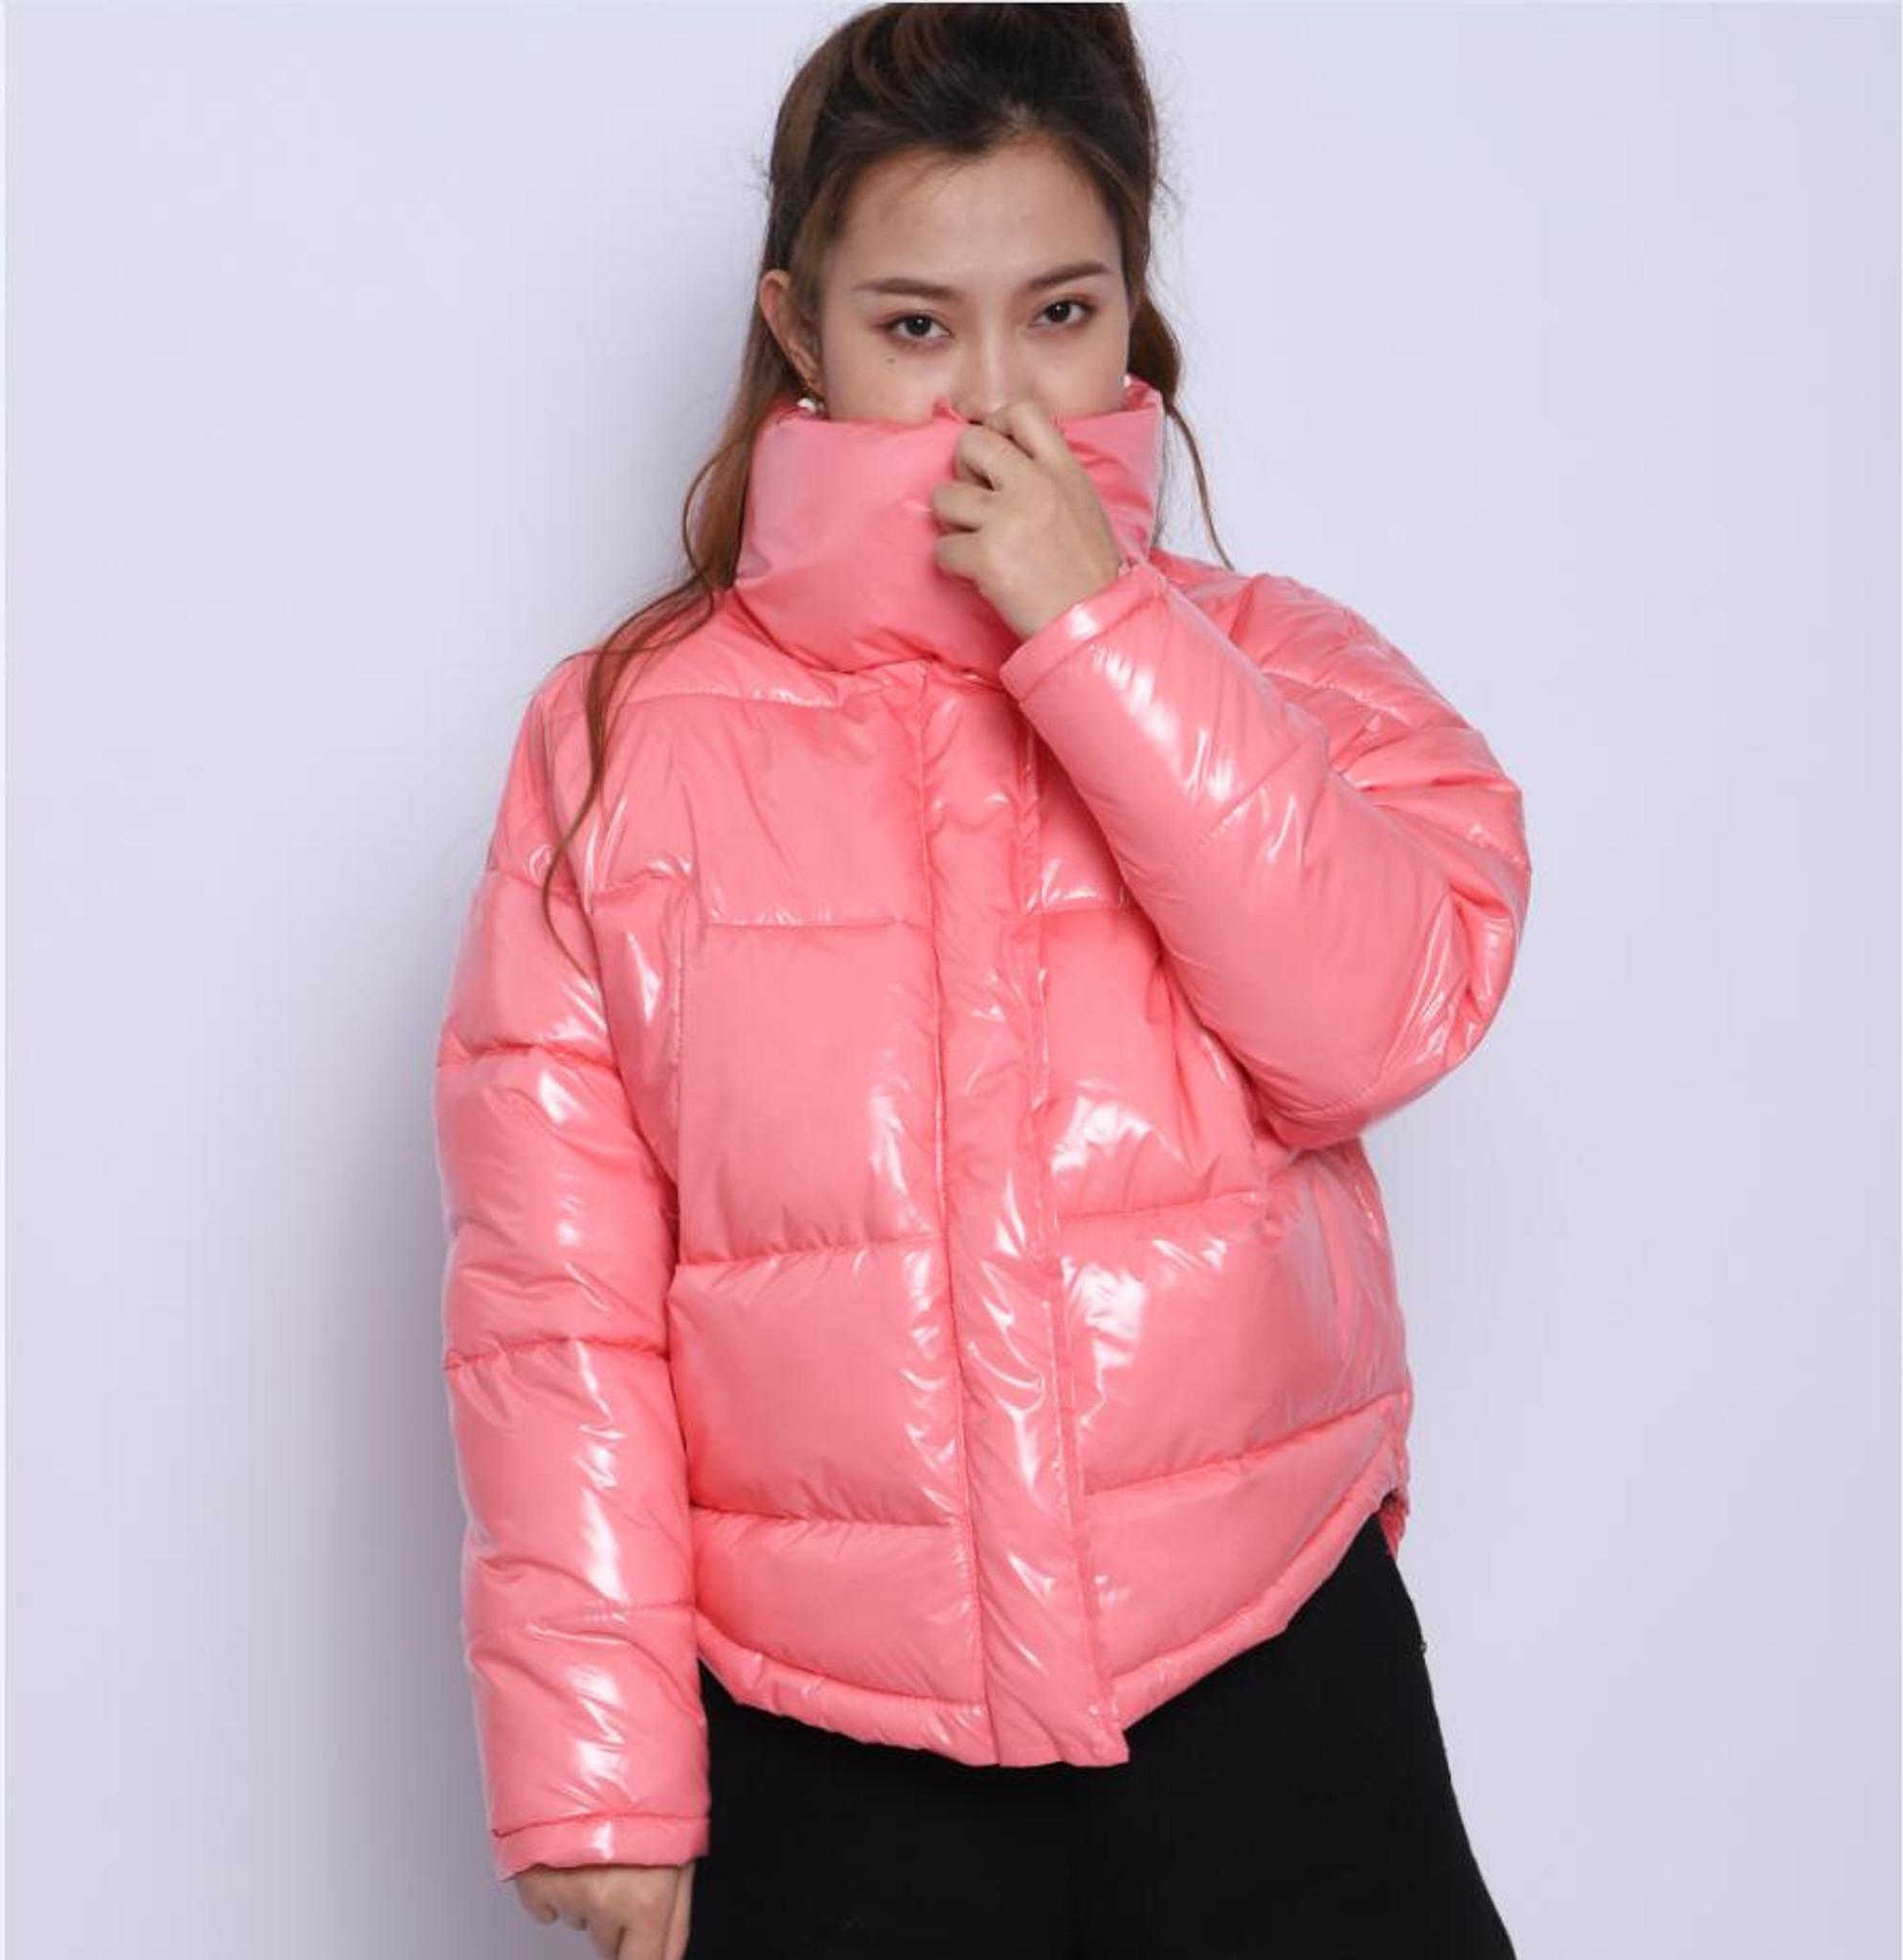 Bubblegum Pink Coat